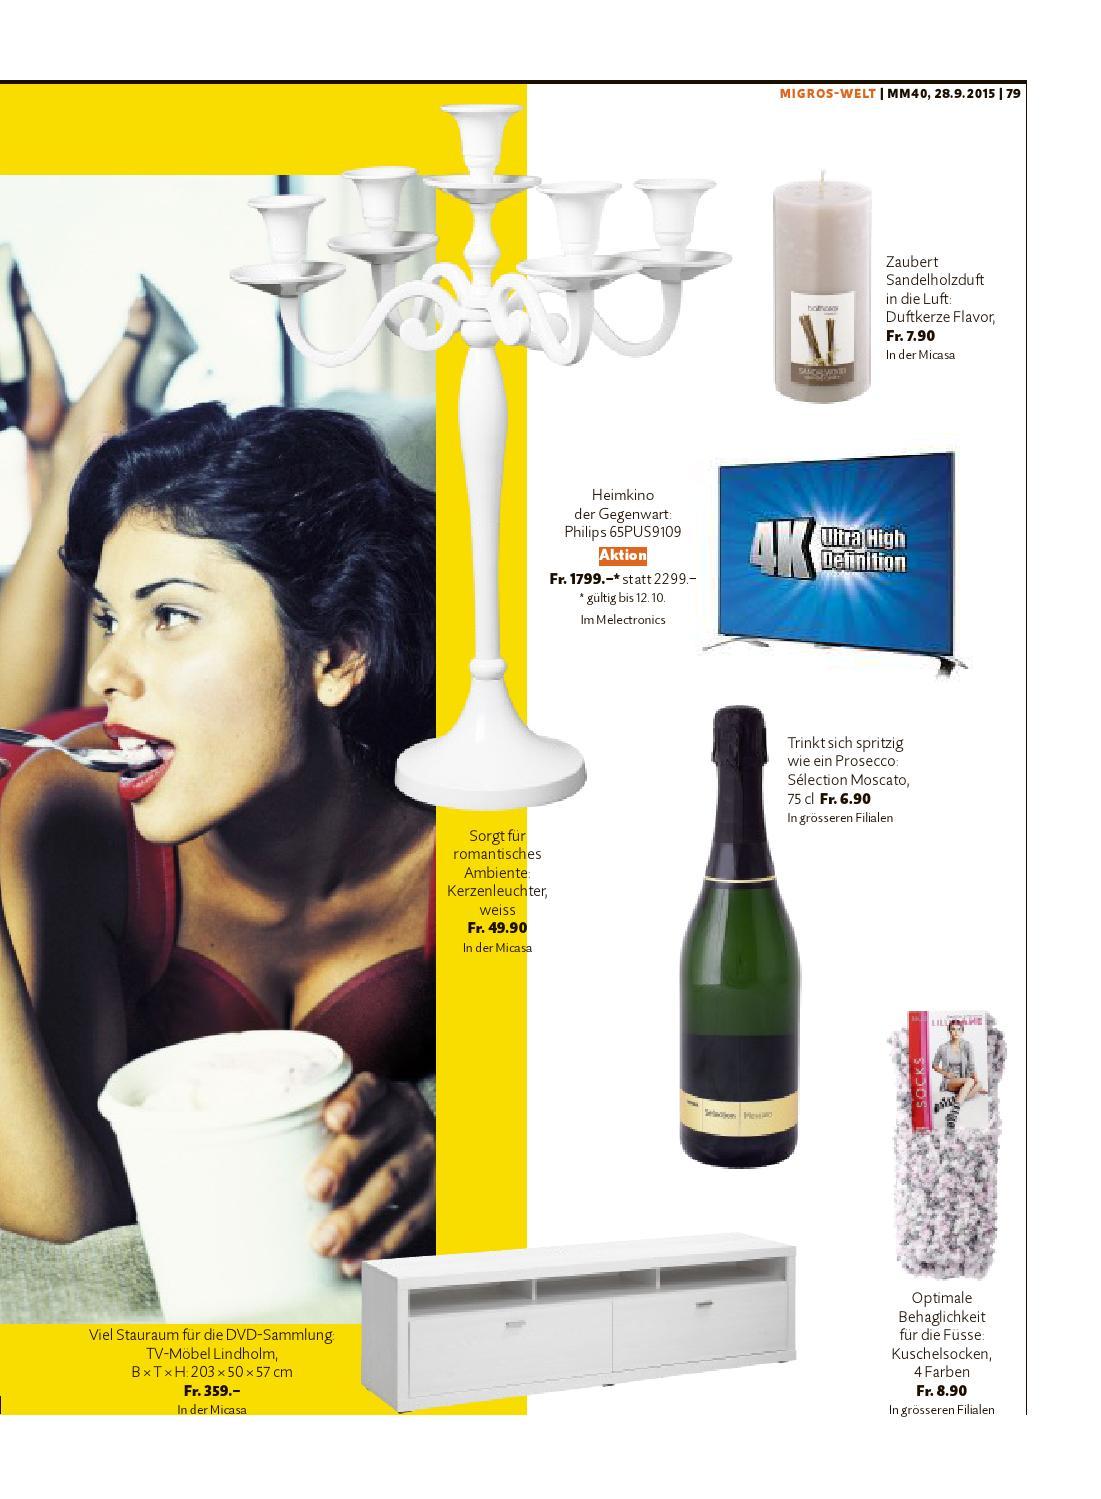 Migros Magazin 40 2015 D Zh By Migros Genossenschafts Bund Issuu